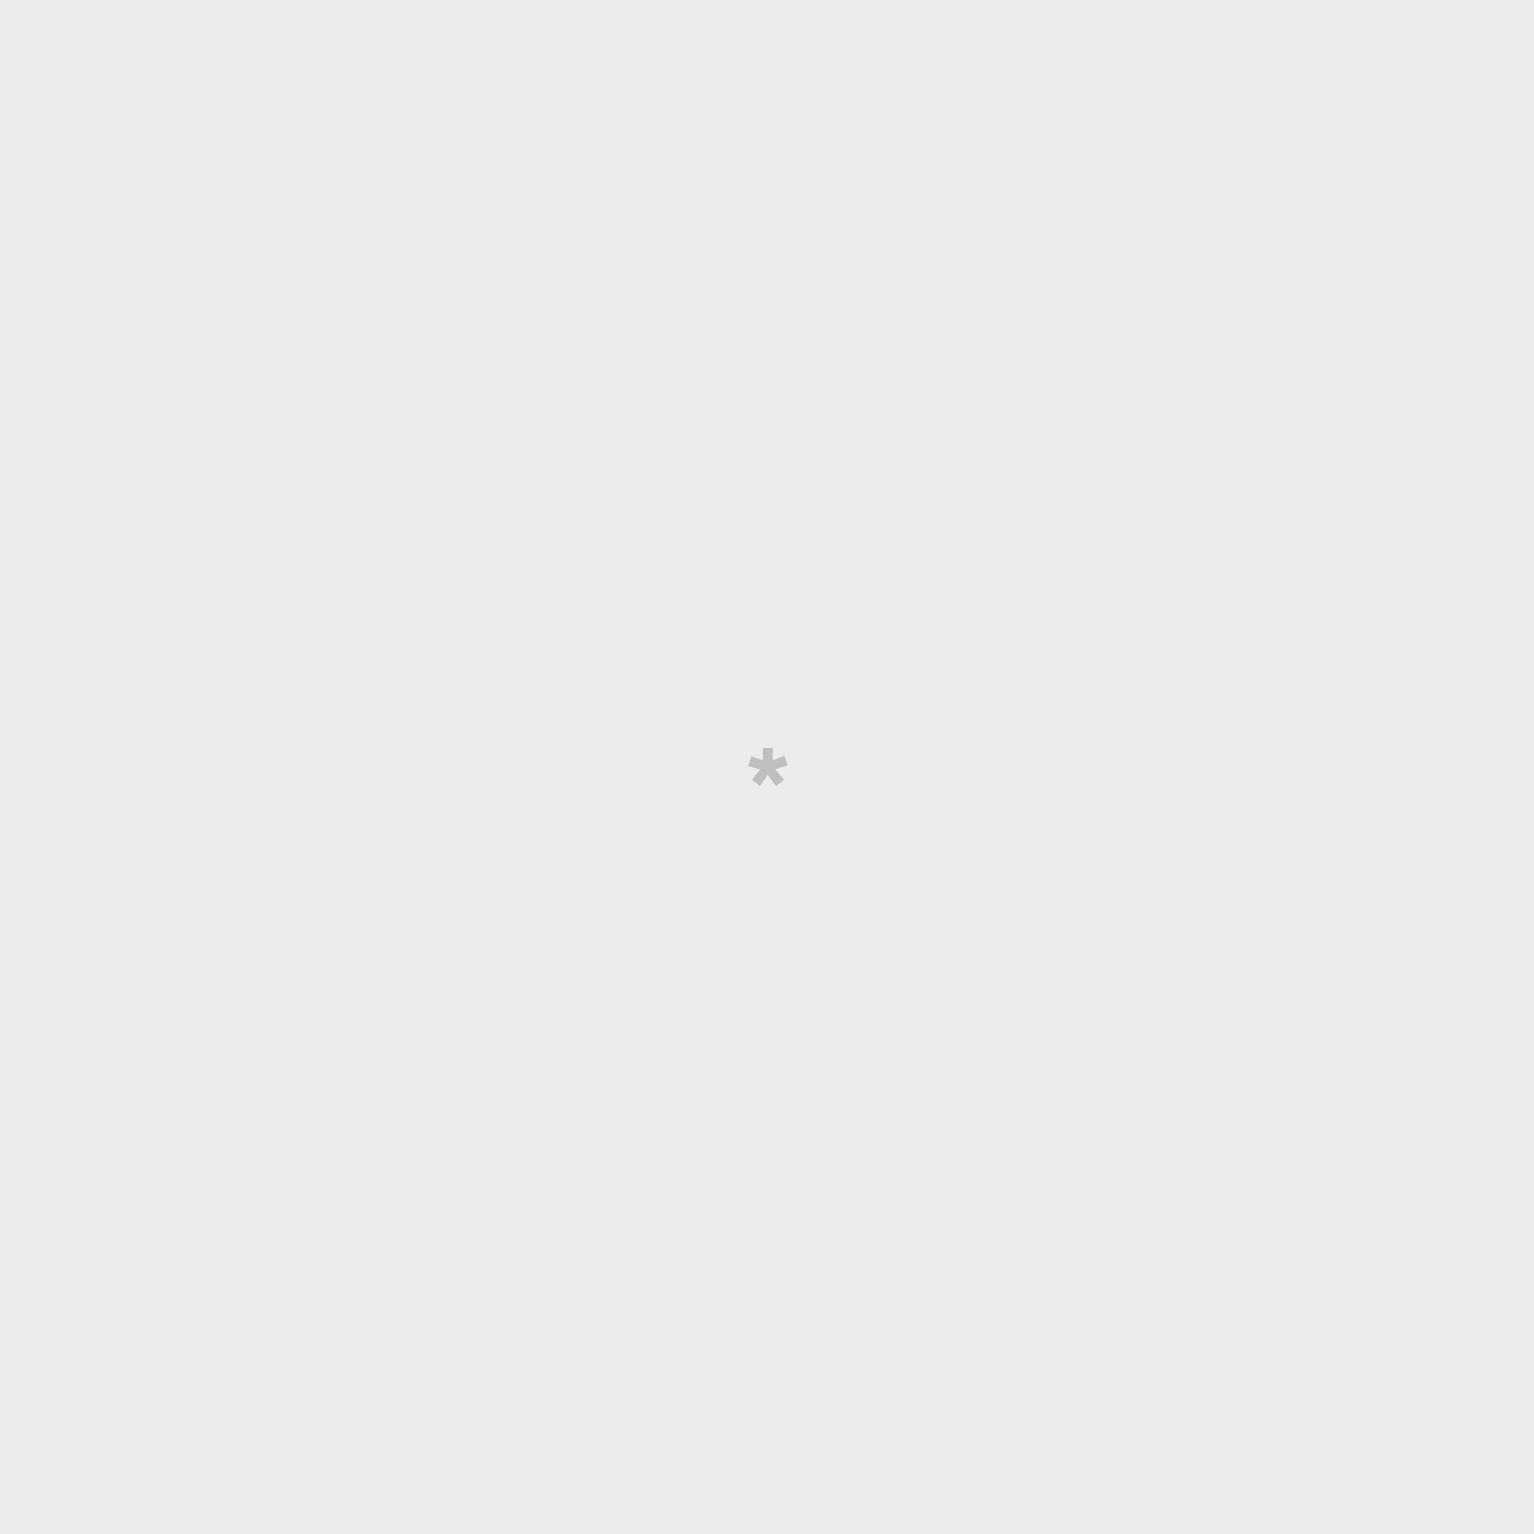 Agenda peq_clás_19 Diária - Coisas que prometo terminar